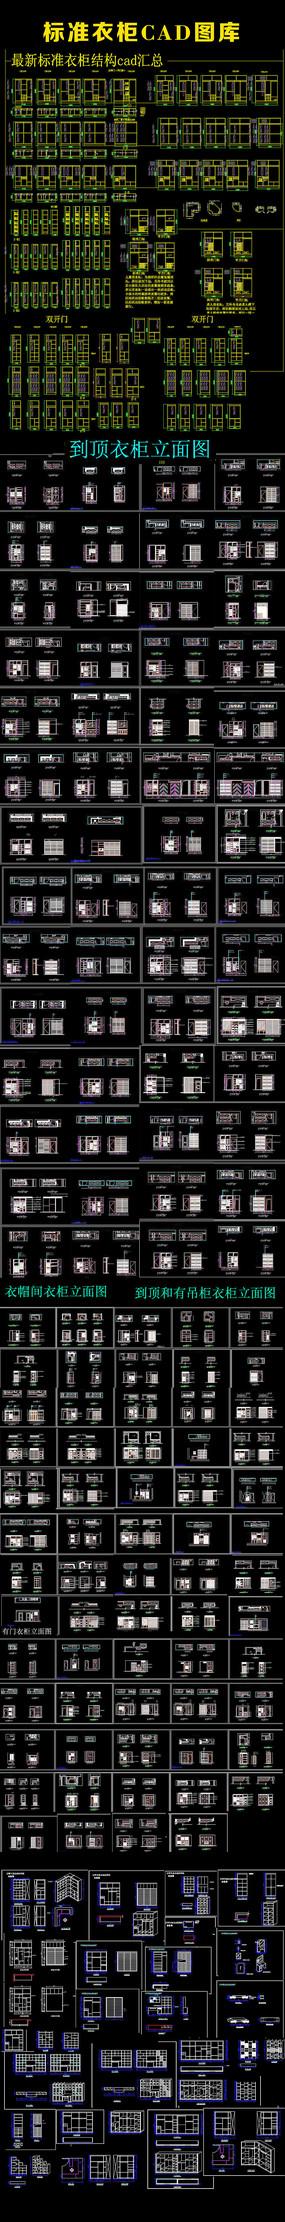 标准衣柜CAD图库